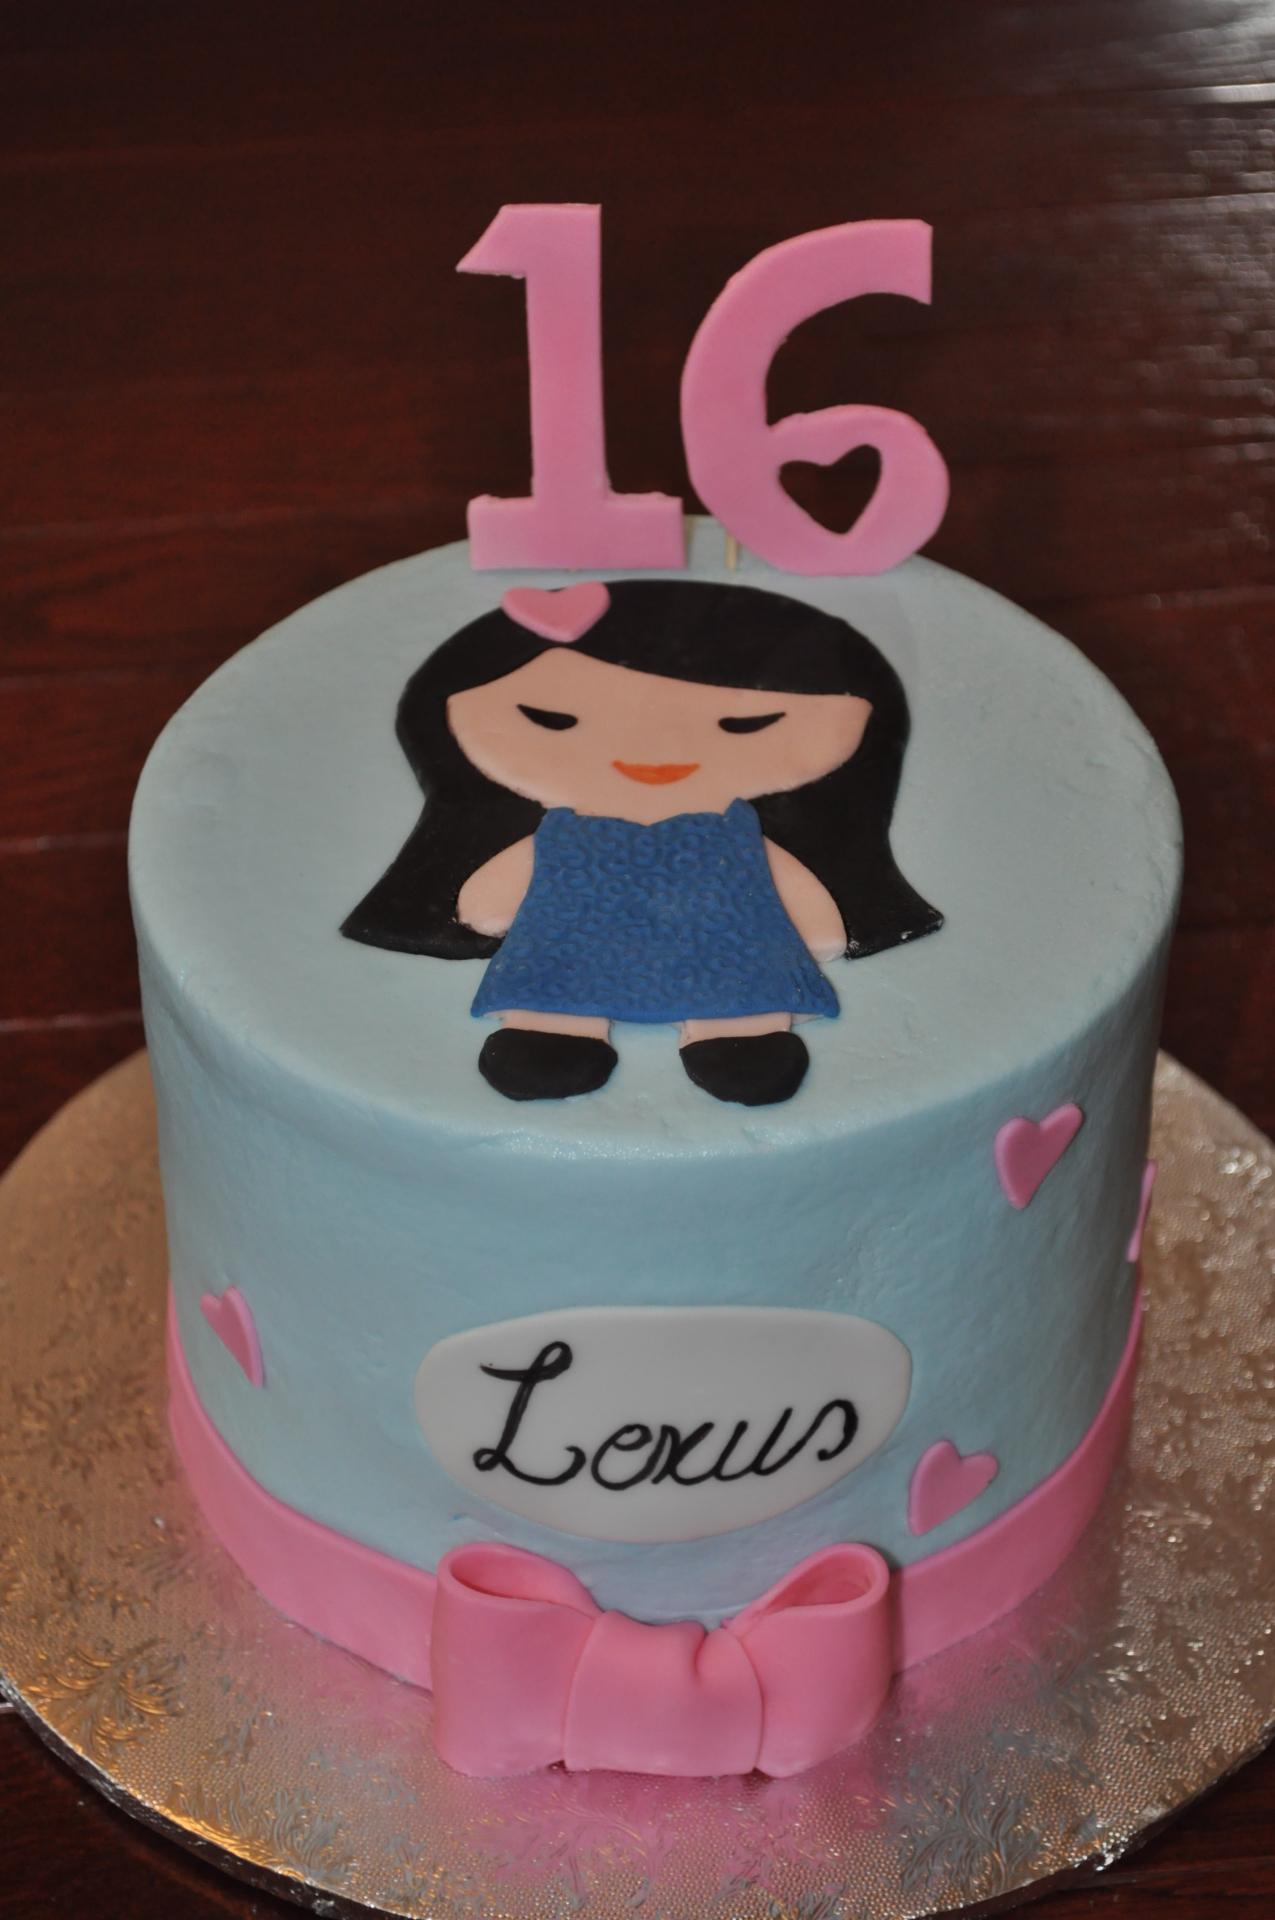 Japanese girl cake